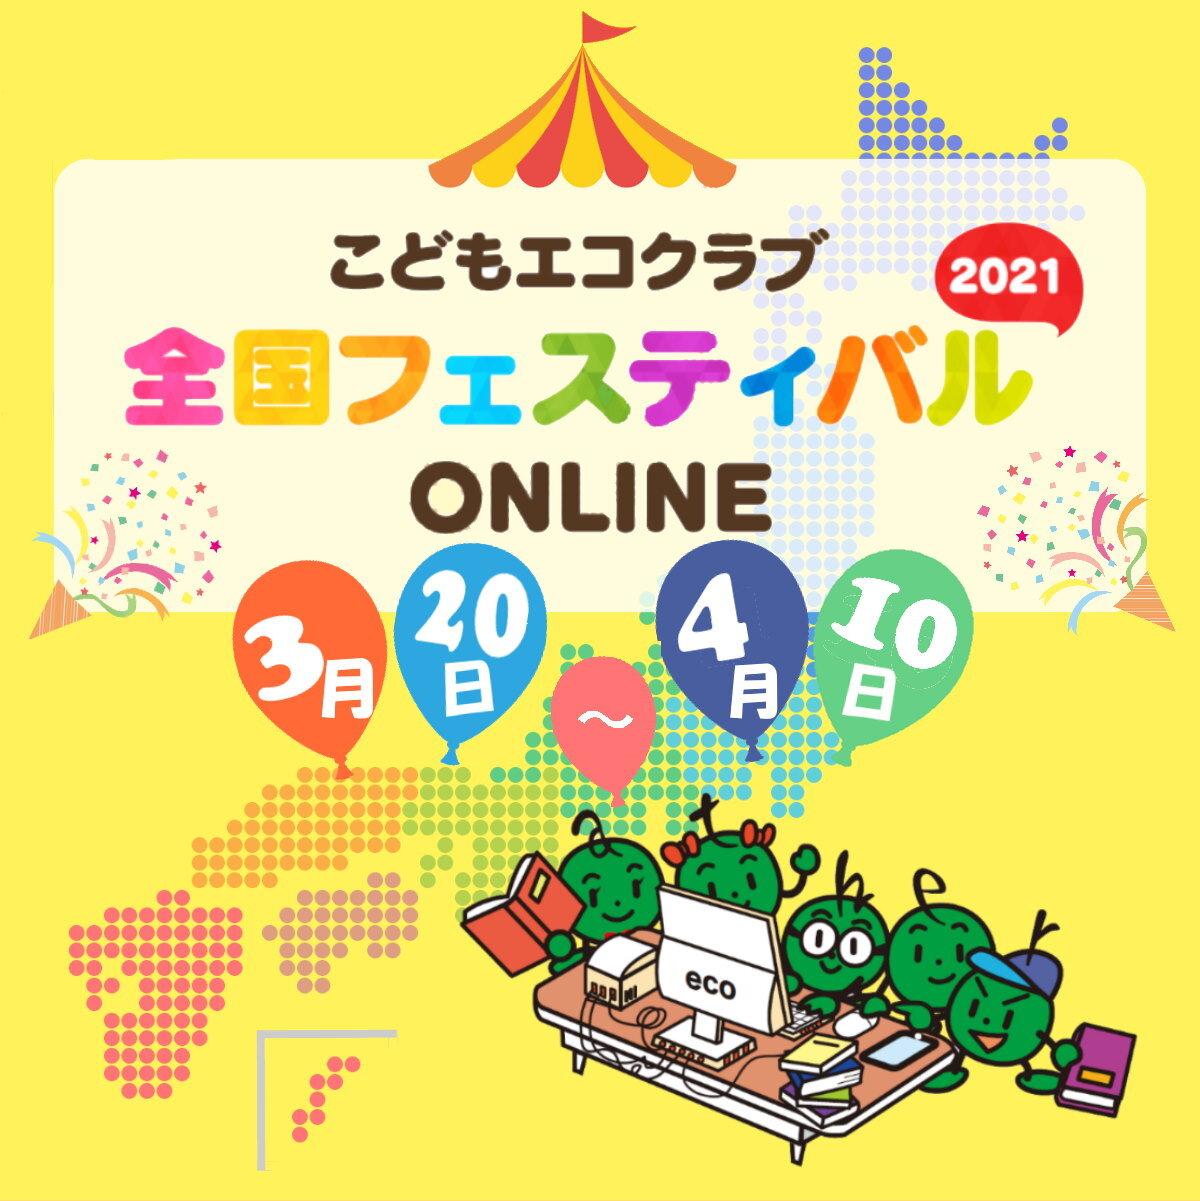 こどもエコクラブ全国フェスティバル2021【オンライン】の開催